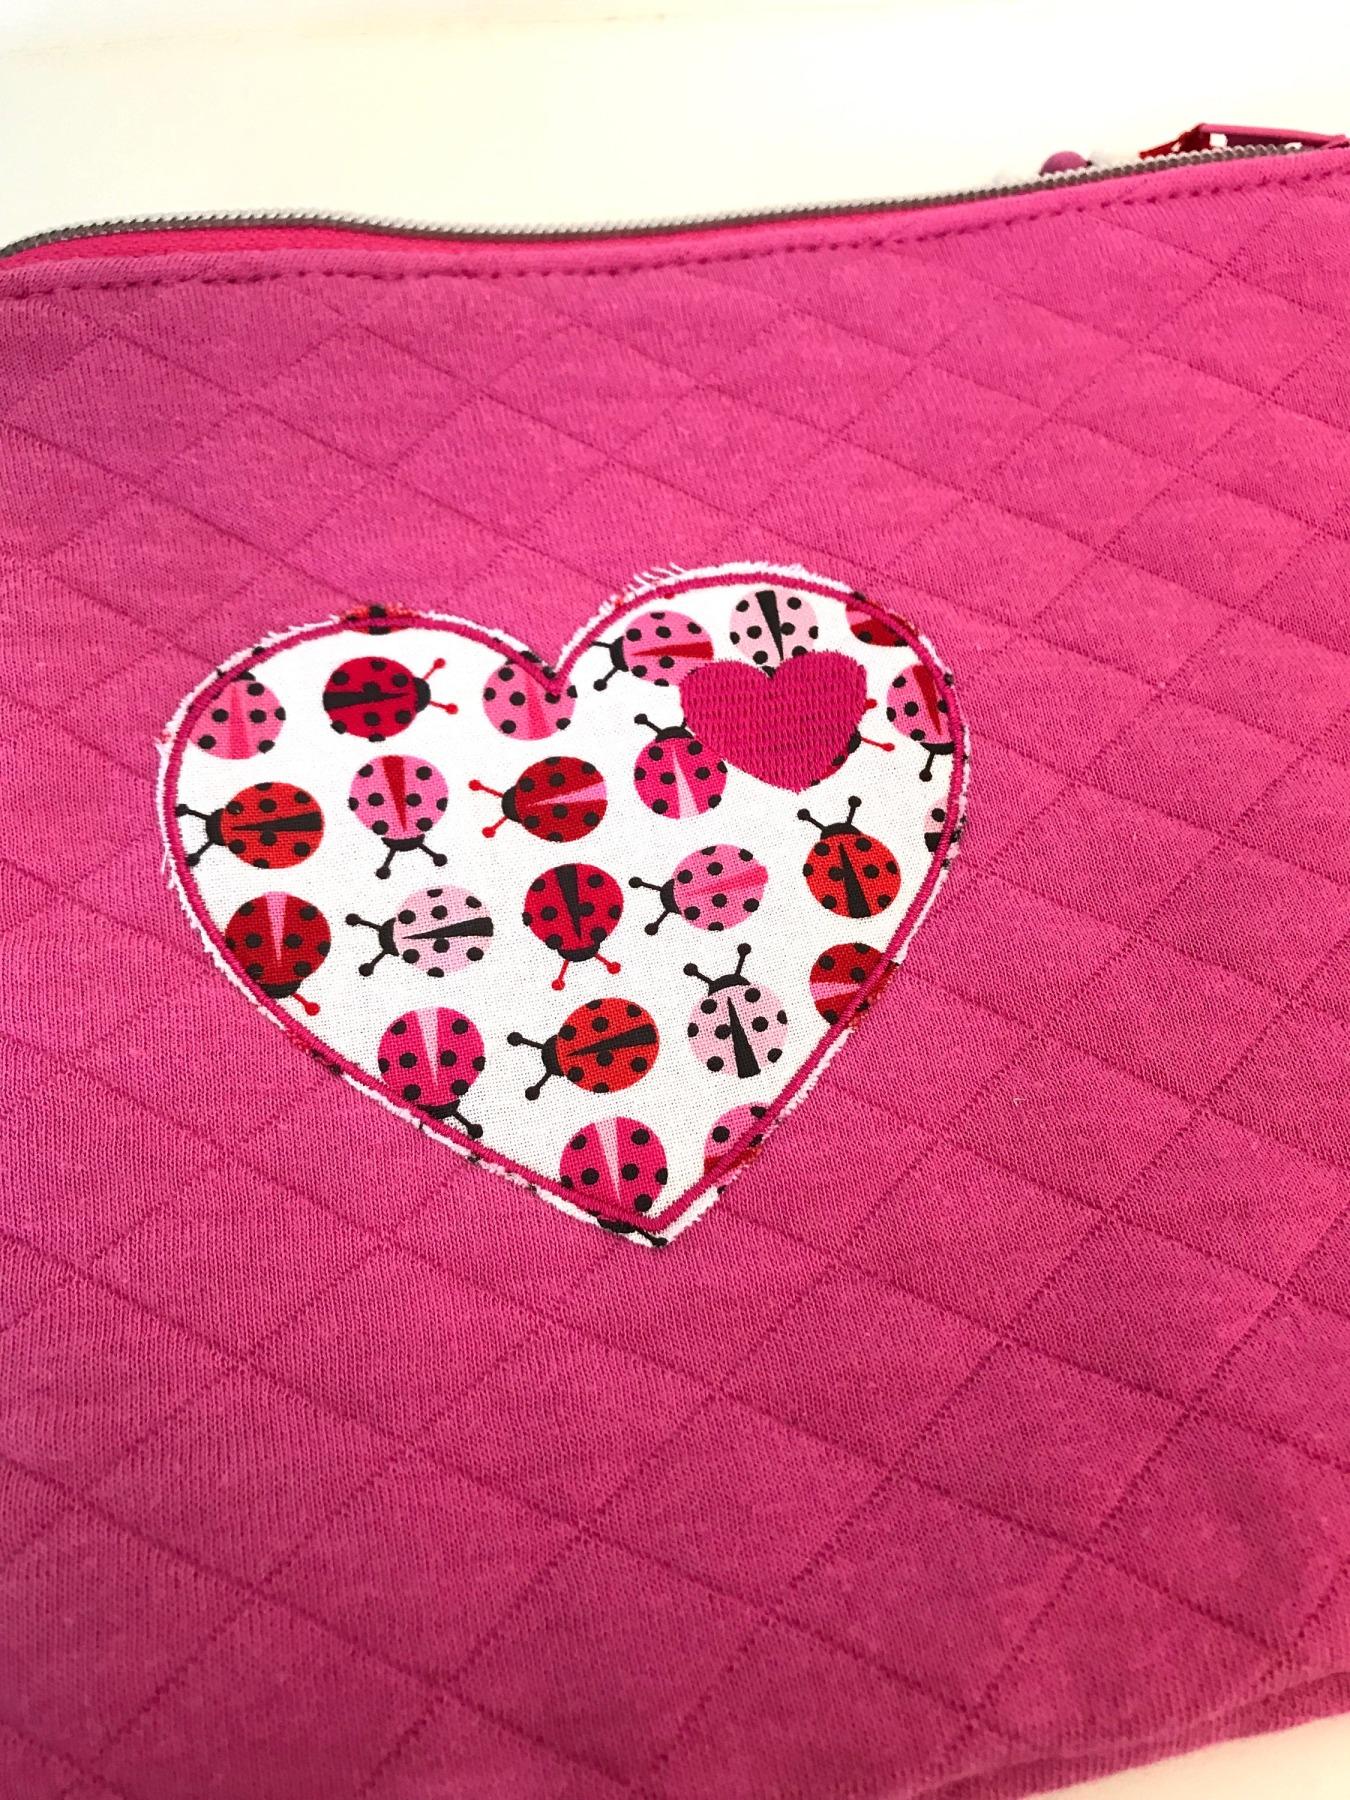 Täschchen Marienkäfer-Herz pink M 5